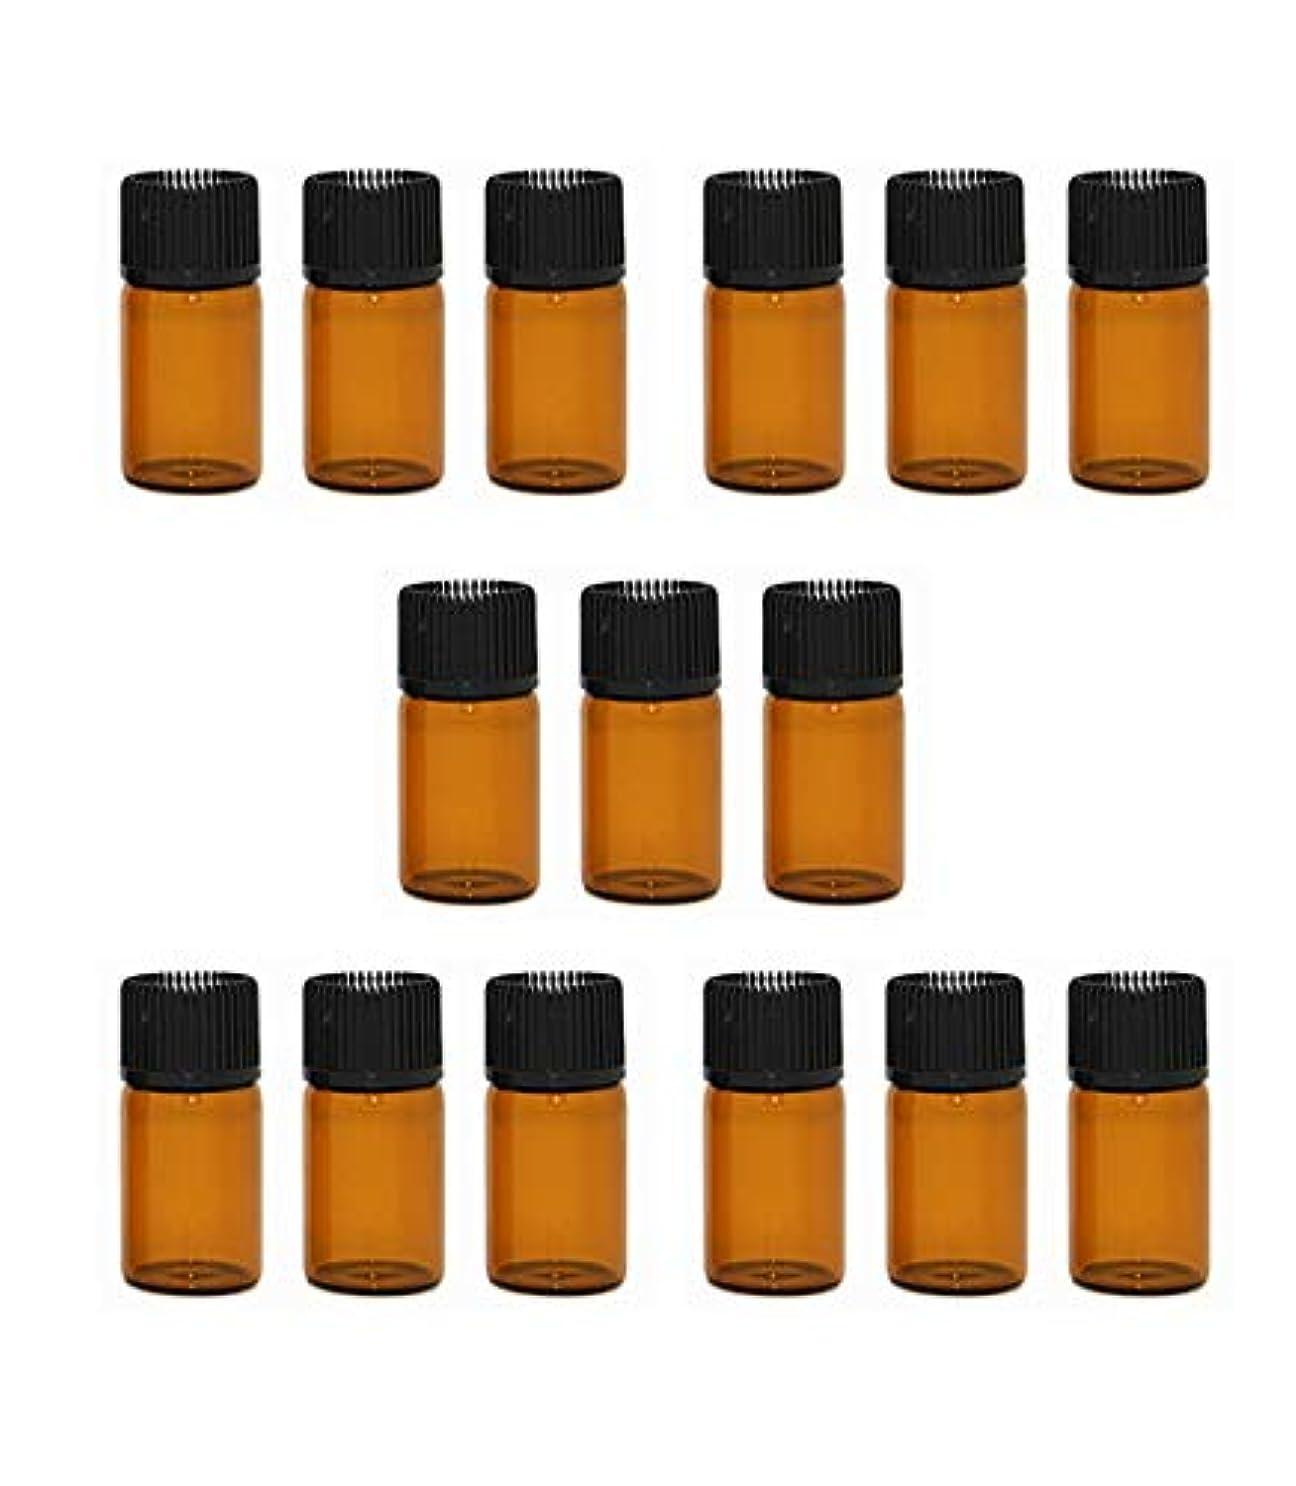 財政鋭くじゃない精油 小分け用 ボトル オイル 用 茶色 瓶 アロマオイル 遮光瓶 エッセンシャルオイル 保存瓶 3ml 15本セット